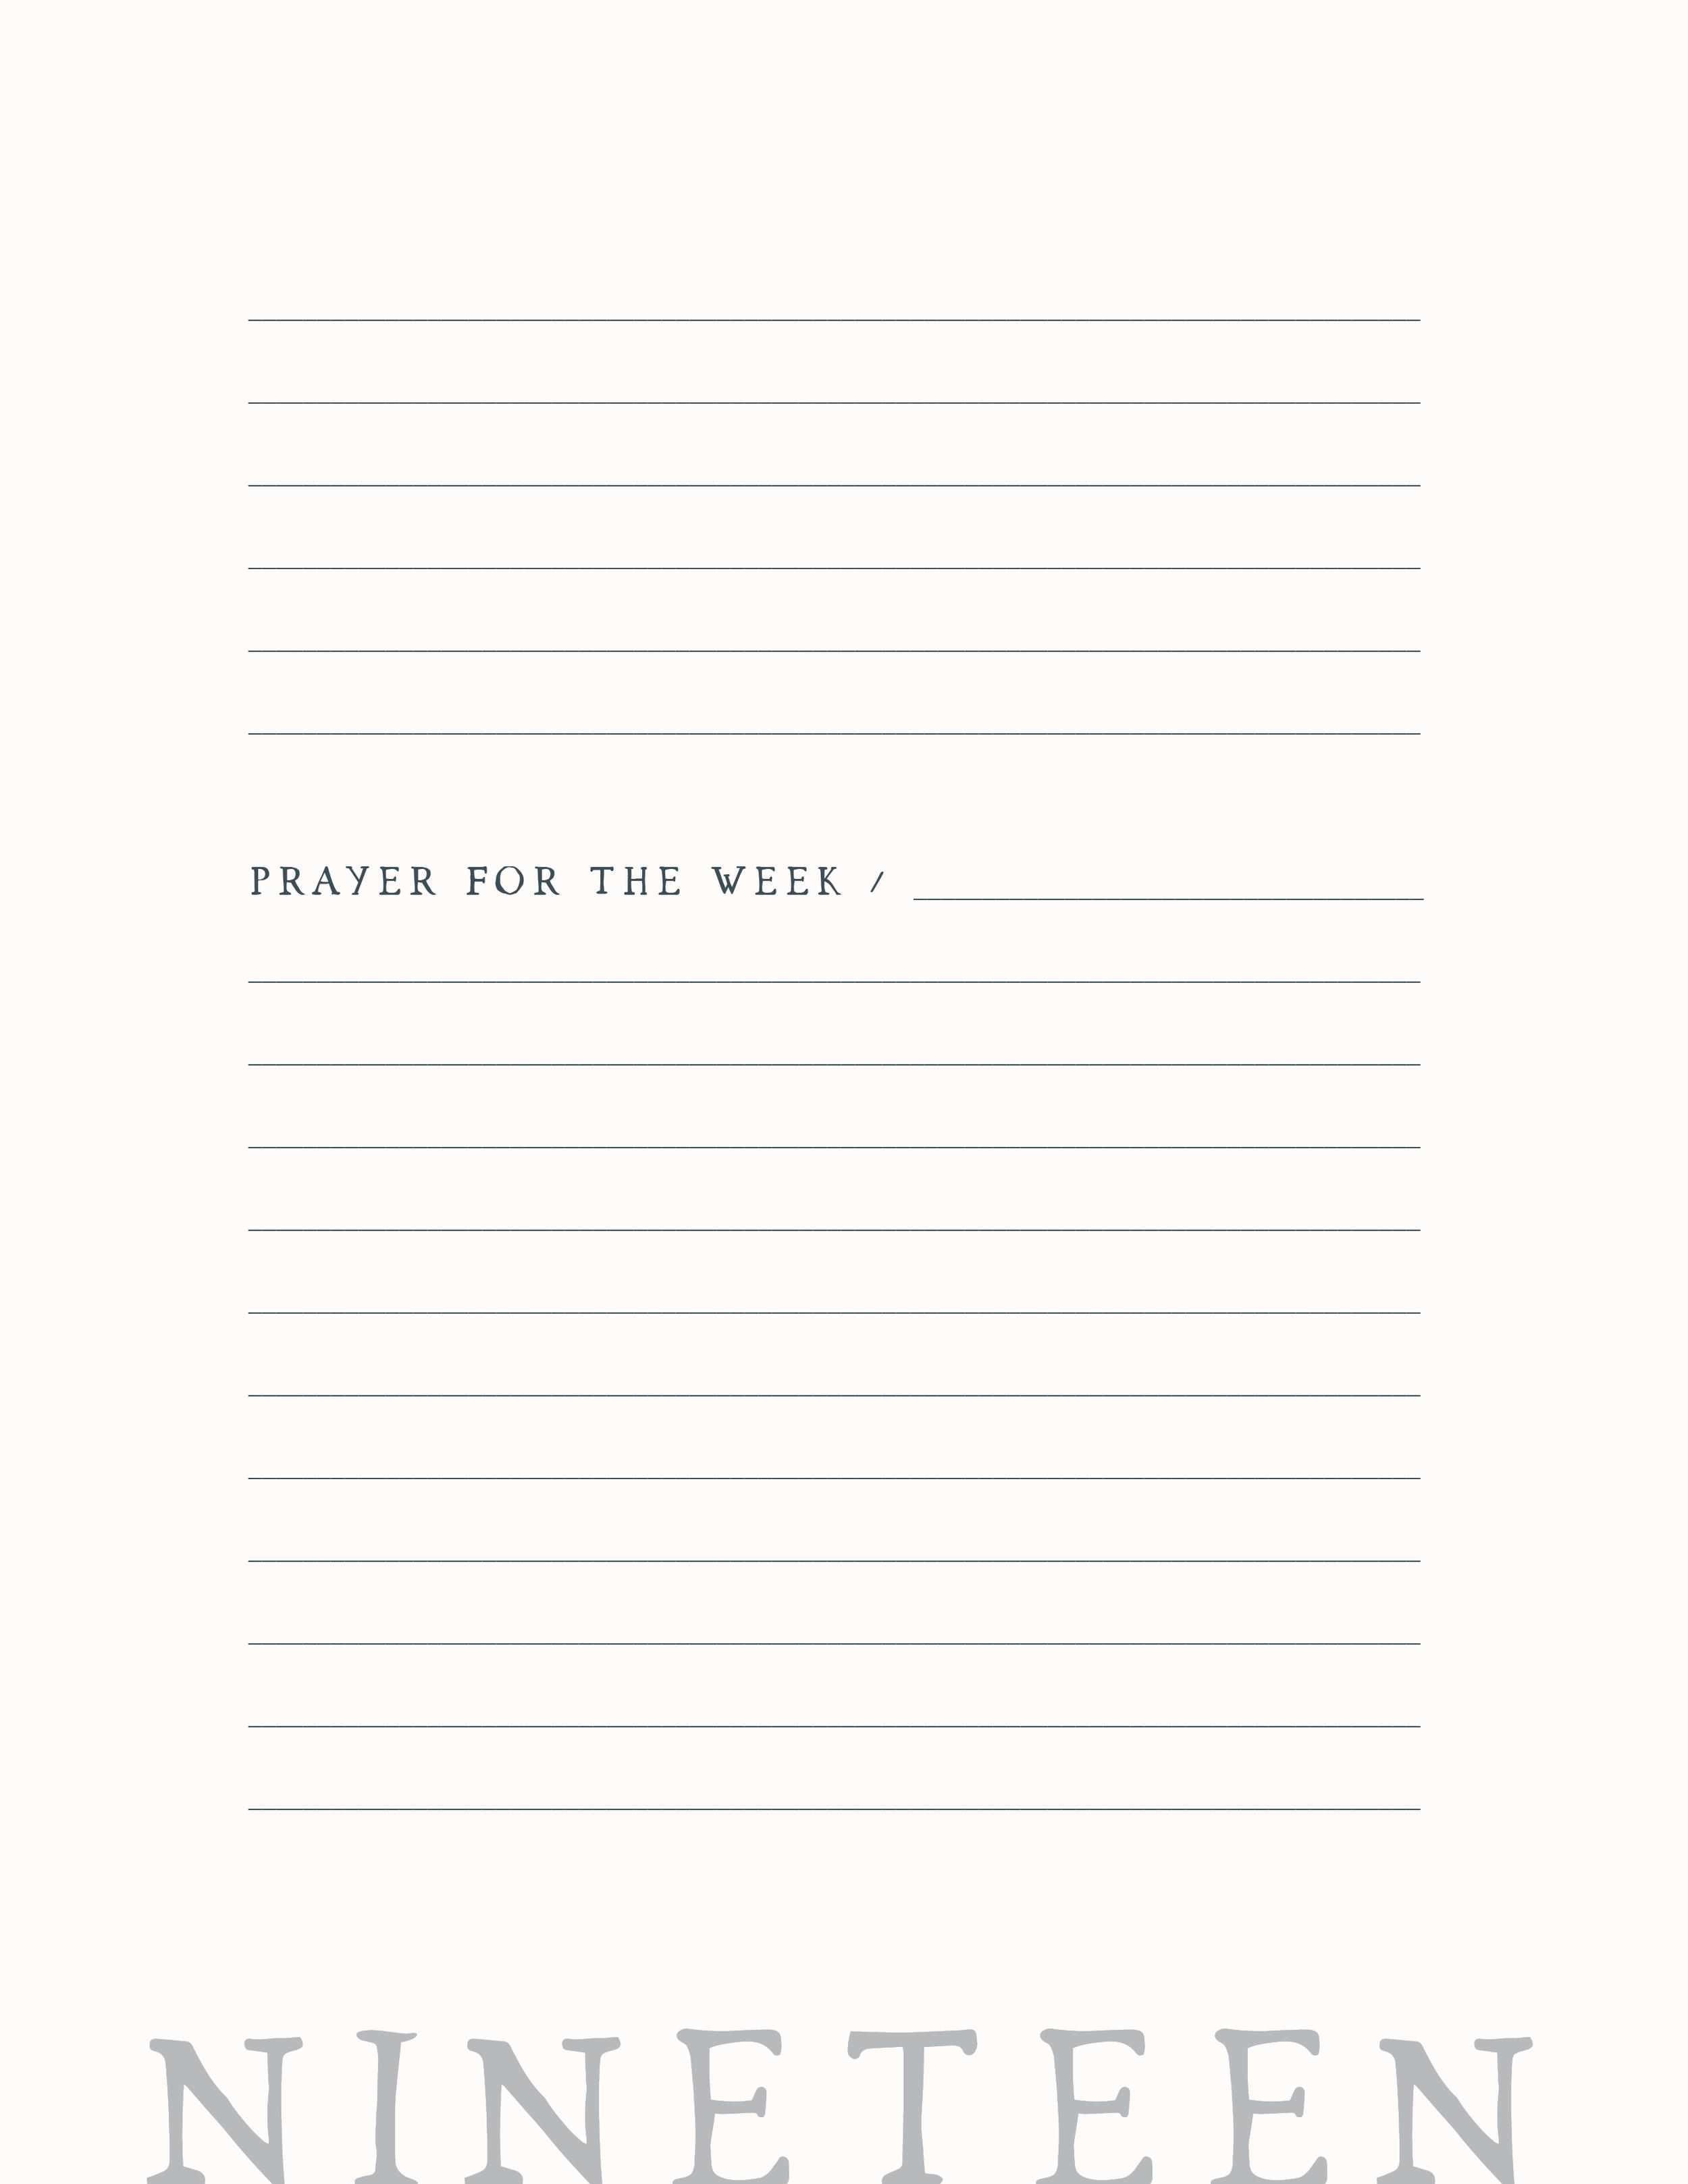 week192.png